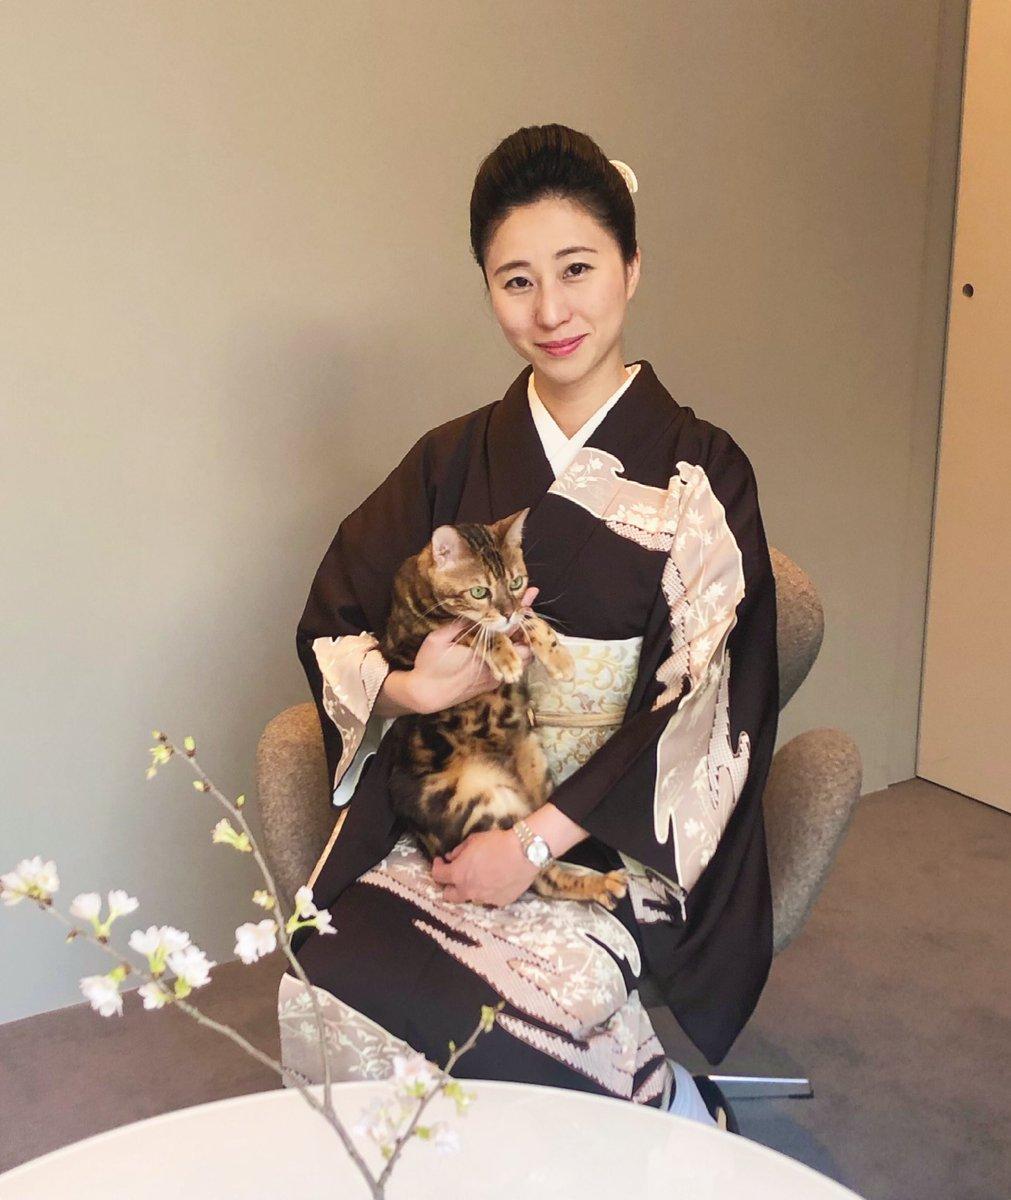 三浦 瑠璃 ツイッター 三浦瑠麗 Lully MIURA (@lullymiura)